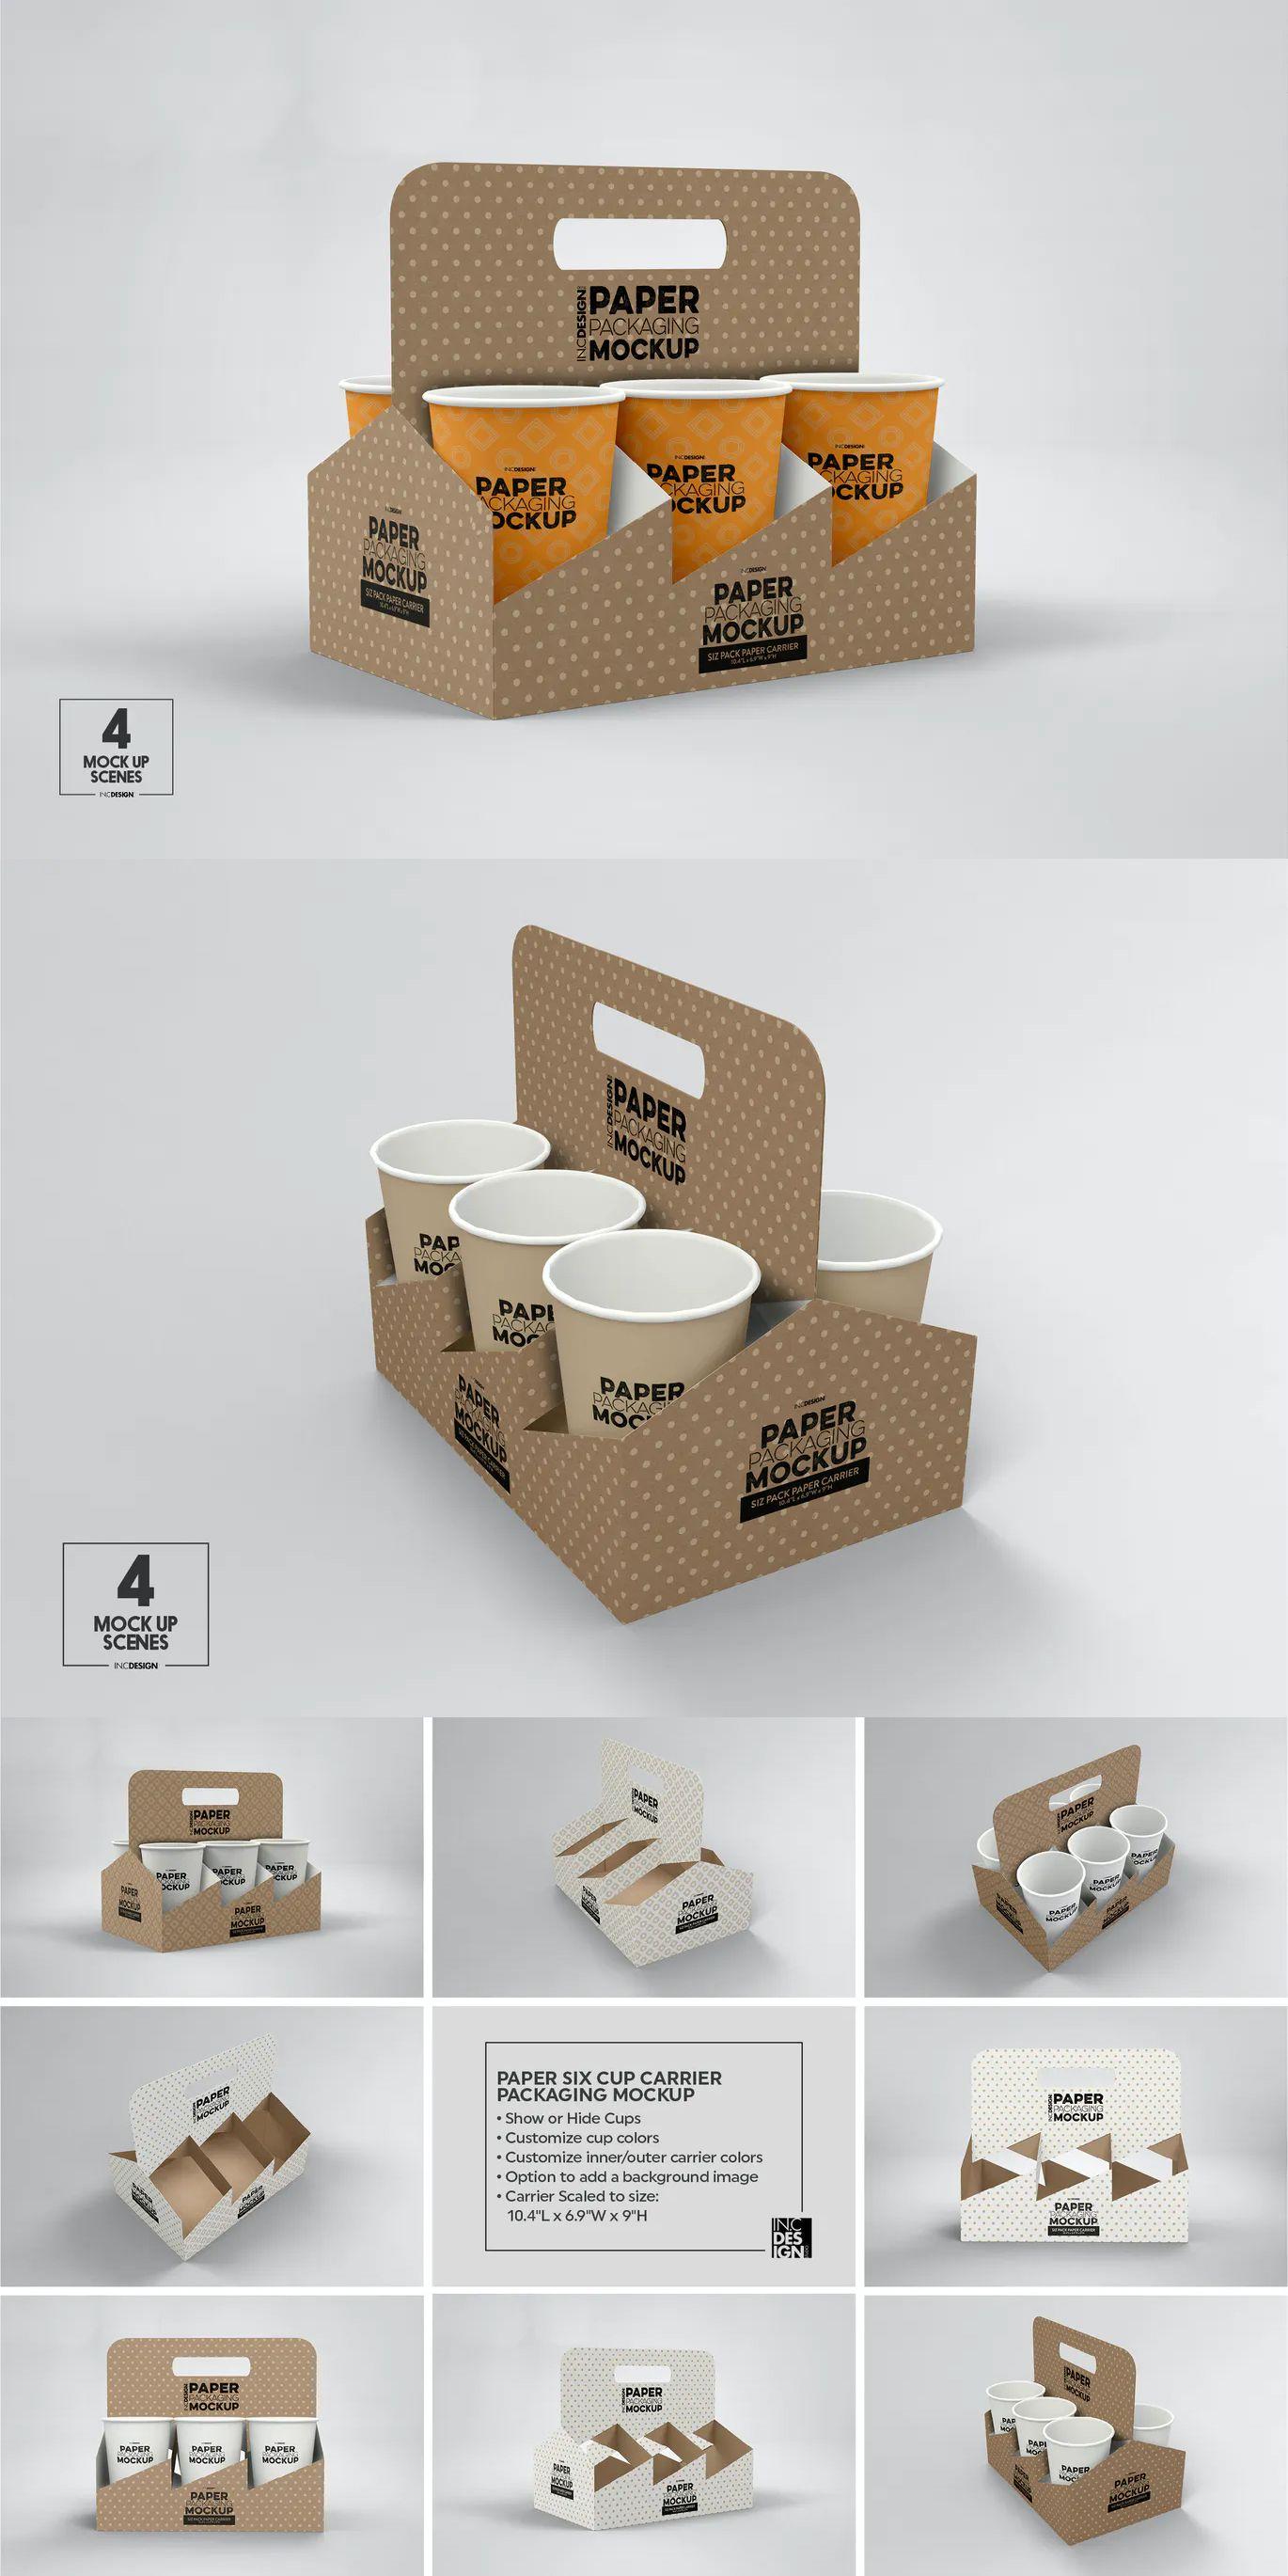 Download Paper Six Cup Carrier Holder Packaging Mockup Packaging Mockup Cafe Shop Design Cup